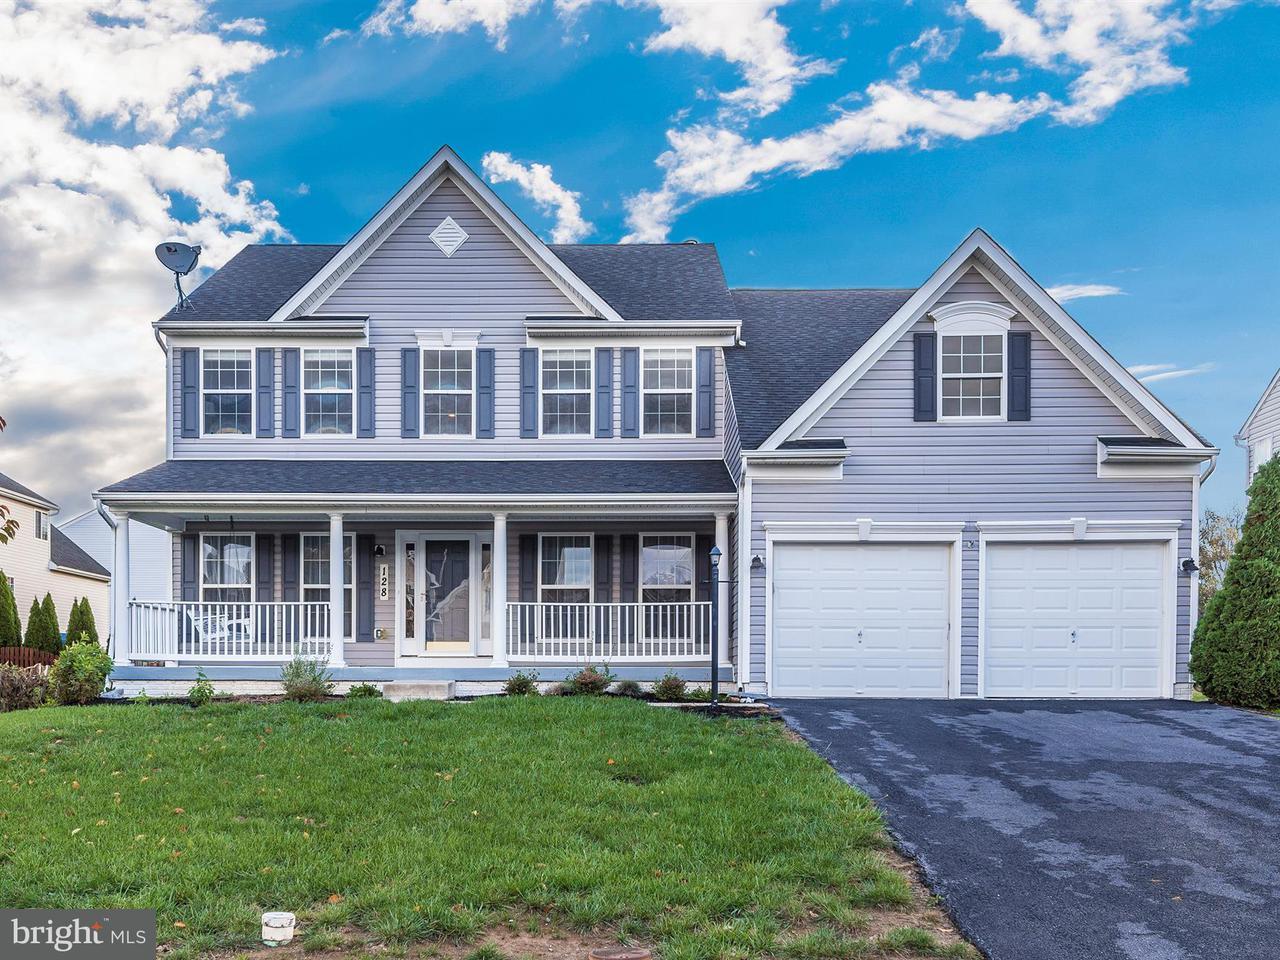 Μονοκατοικία για την Πώληση στο 128 GREENWICH Drive 128 GREENWICH Drive Walkersville, Μεριλαντ 21793 Ηνωμενεσ Πολιτειεσ